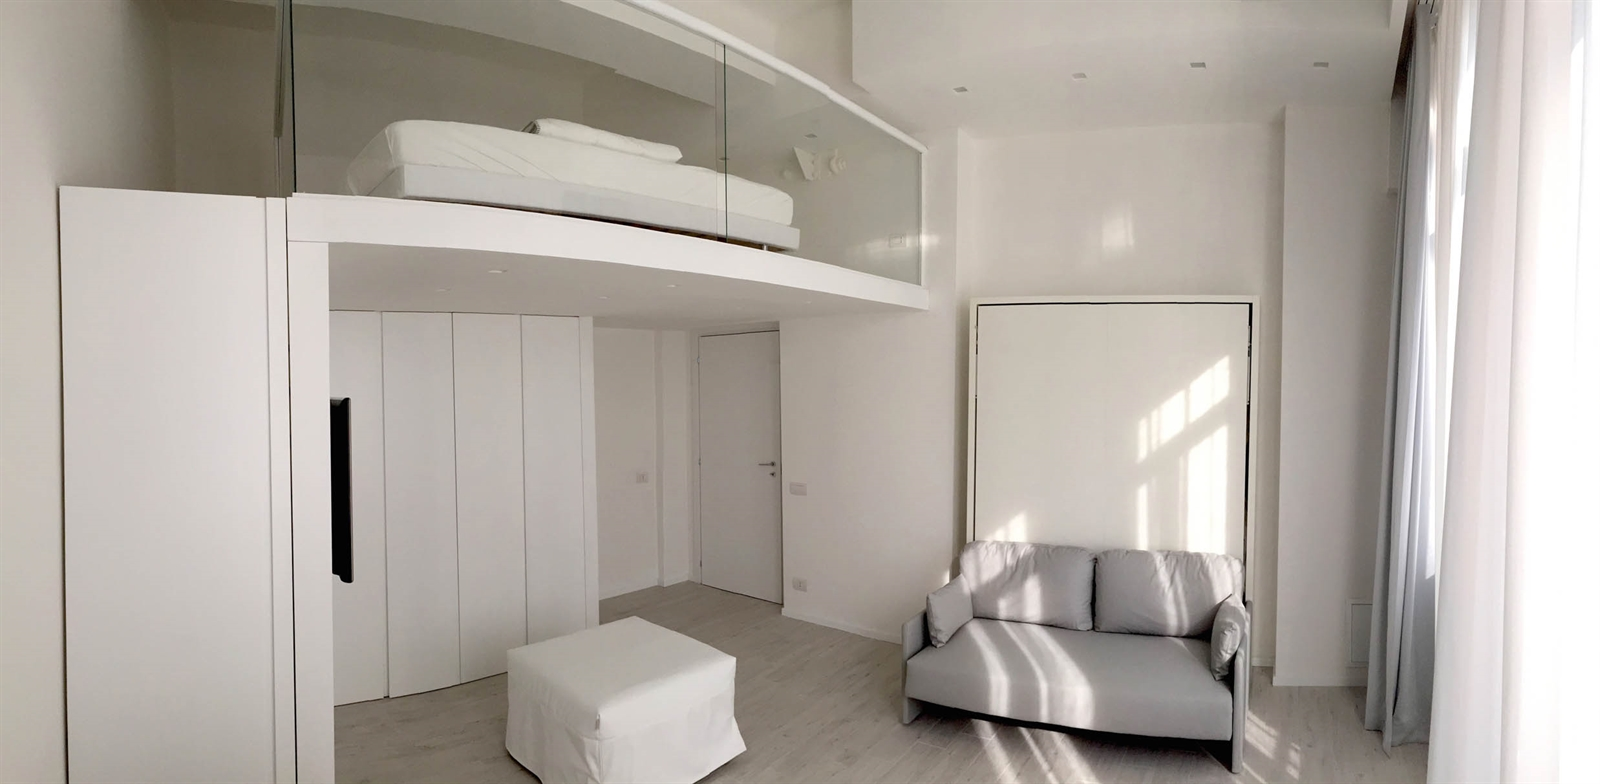 Appartamenti di stile nel cuore di milano for Appartamenti in affitto asiago centro